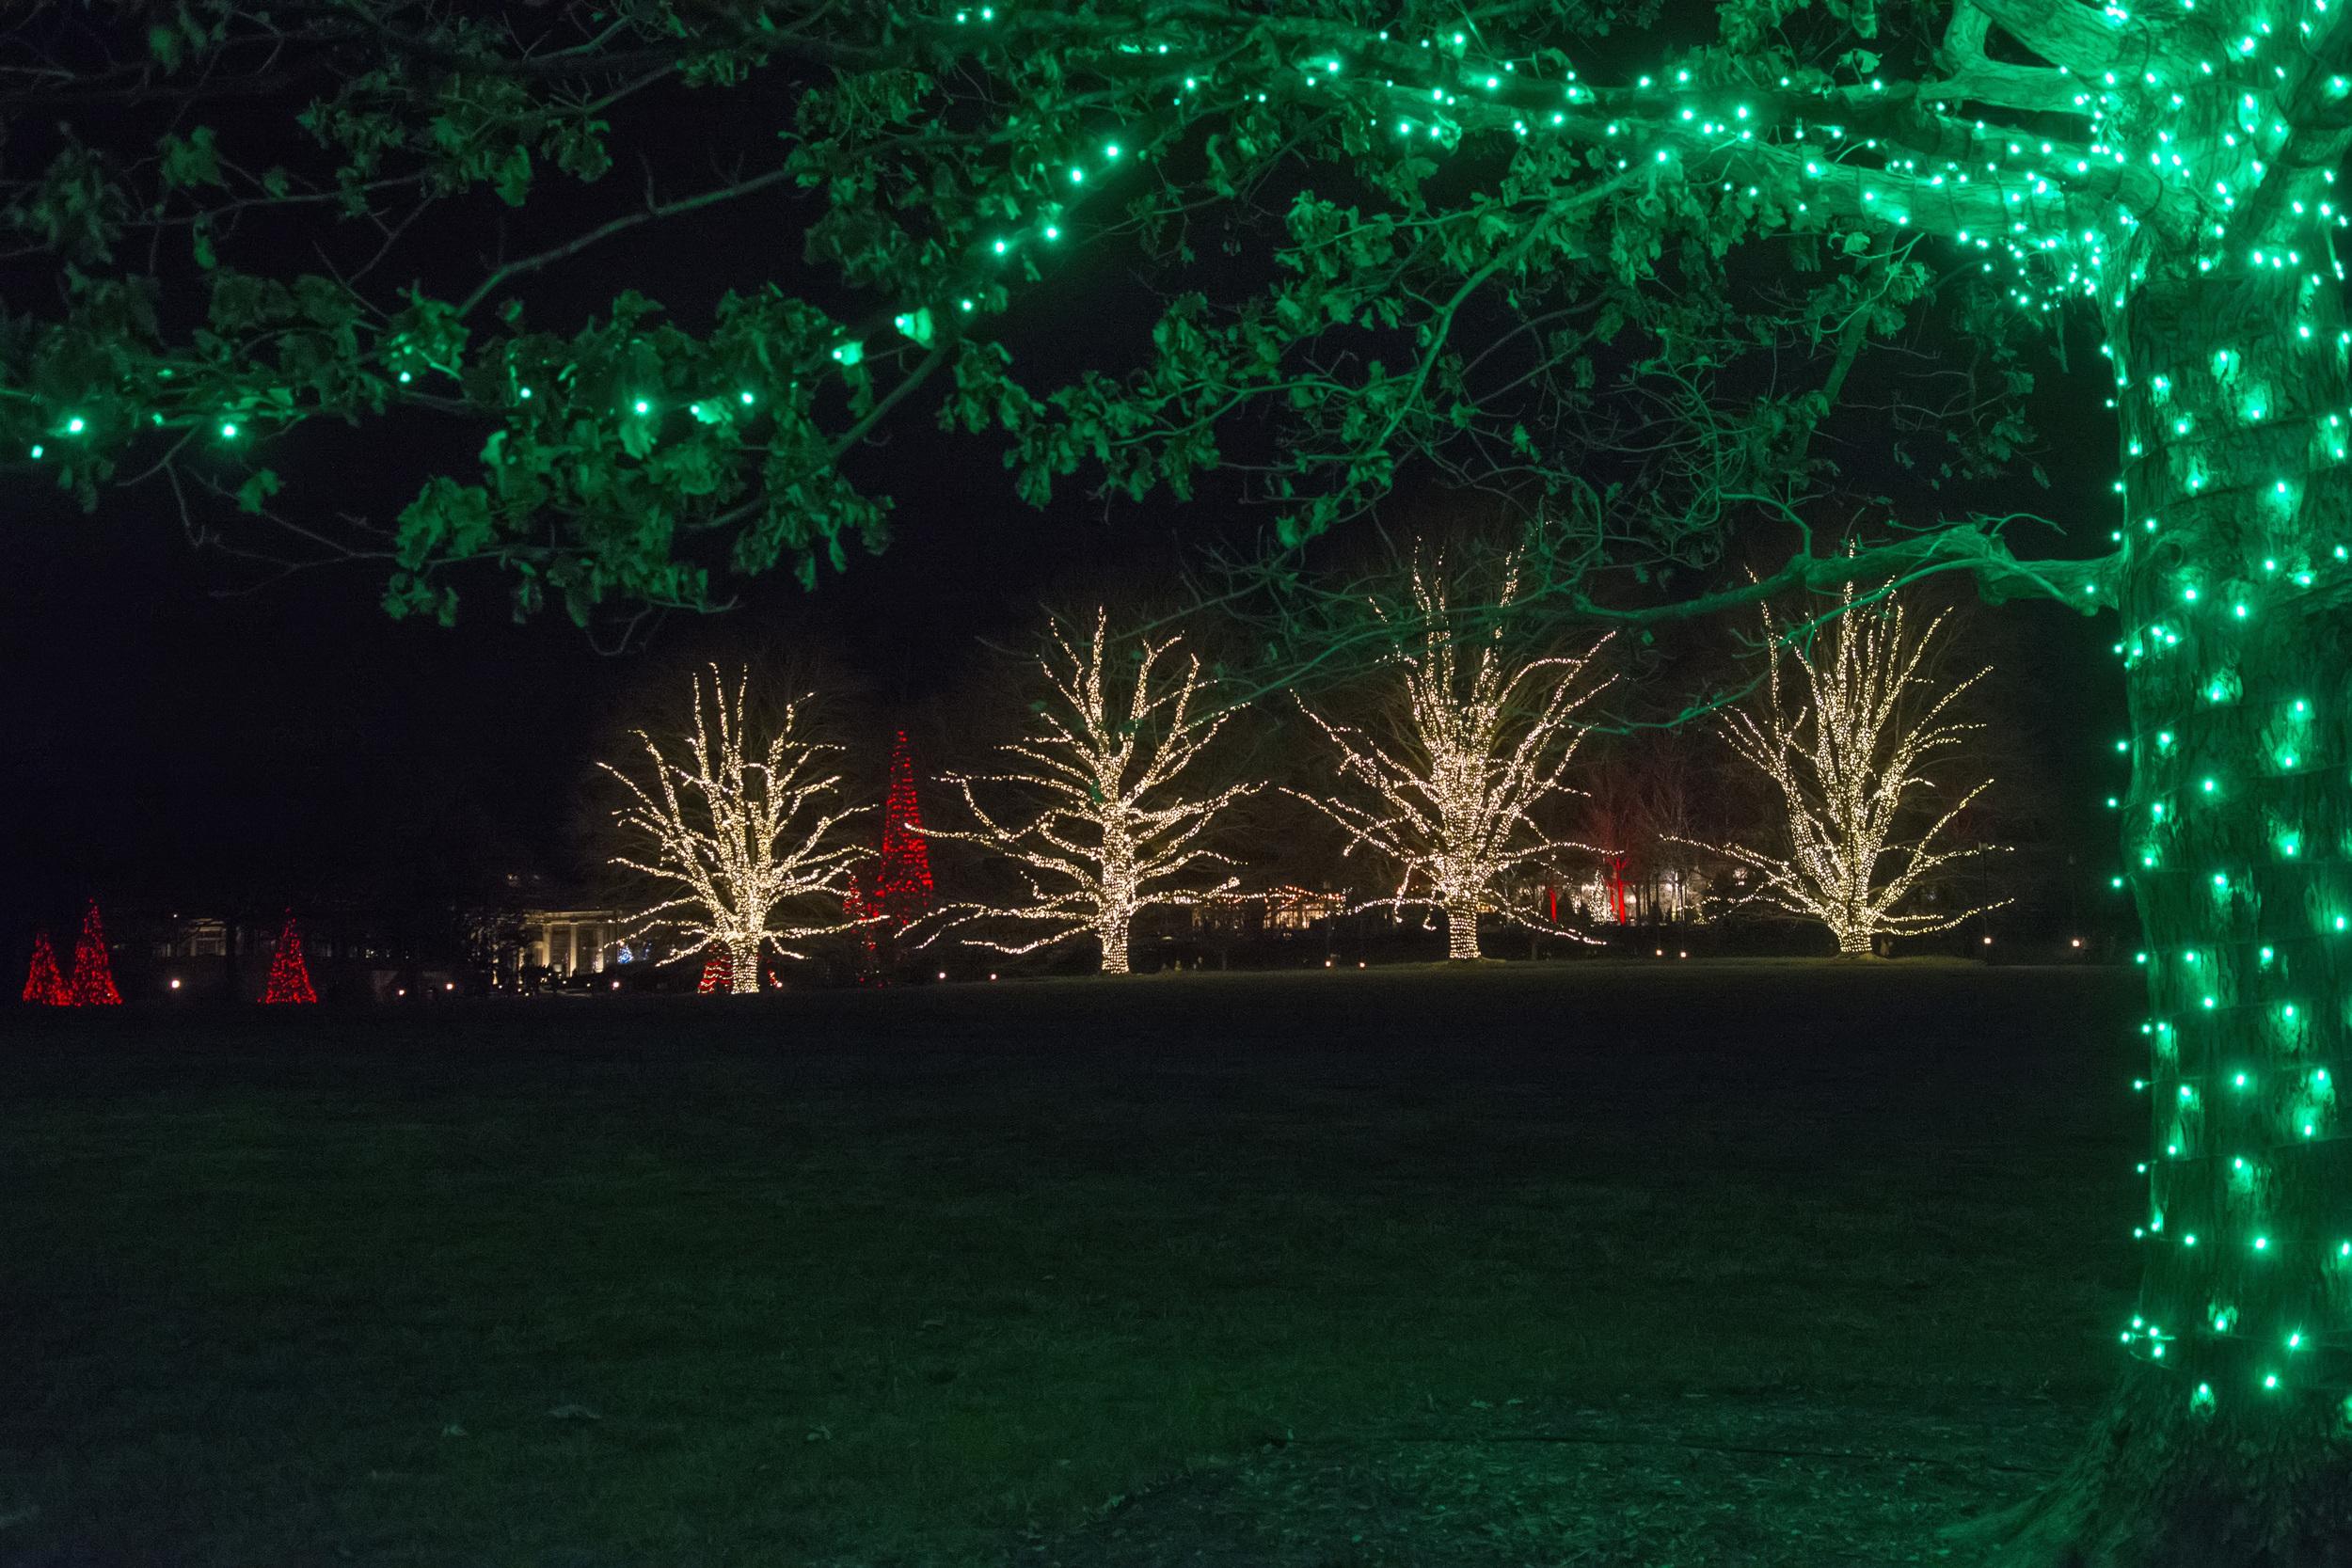 lit trees at main entrance